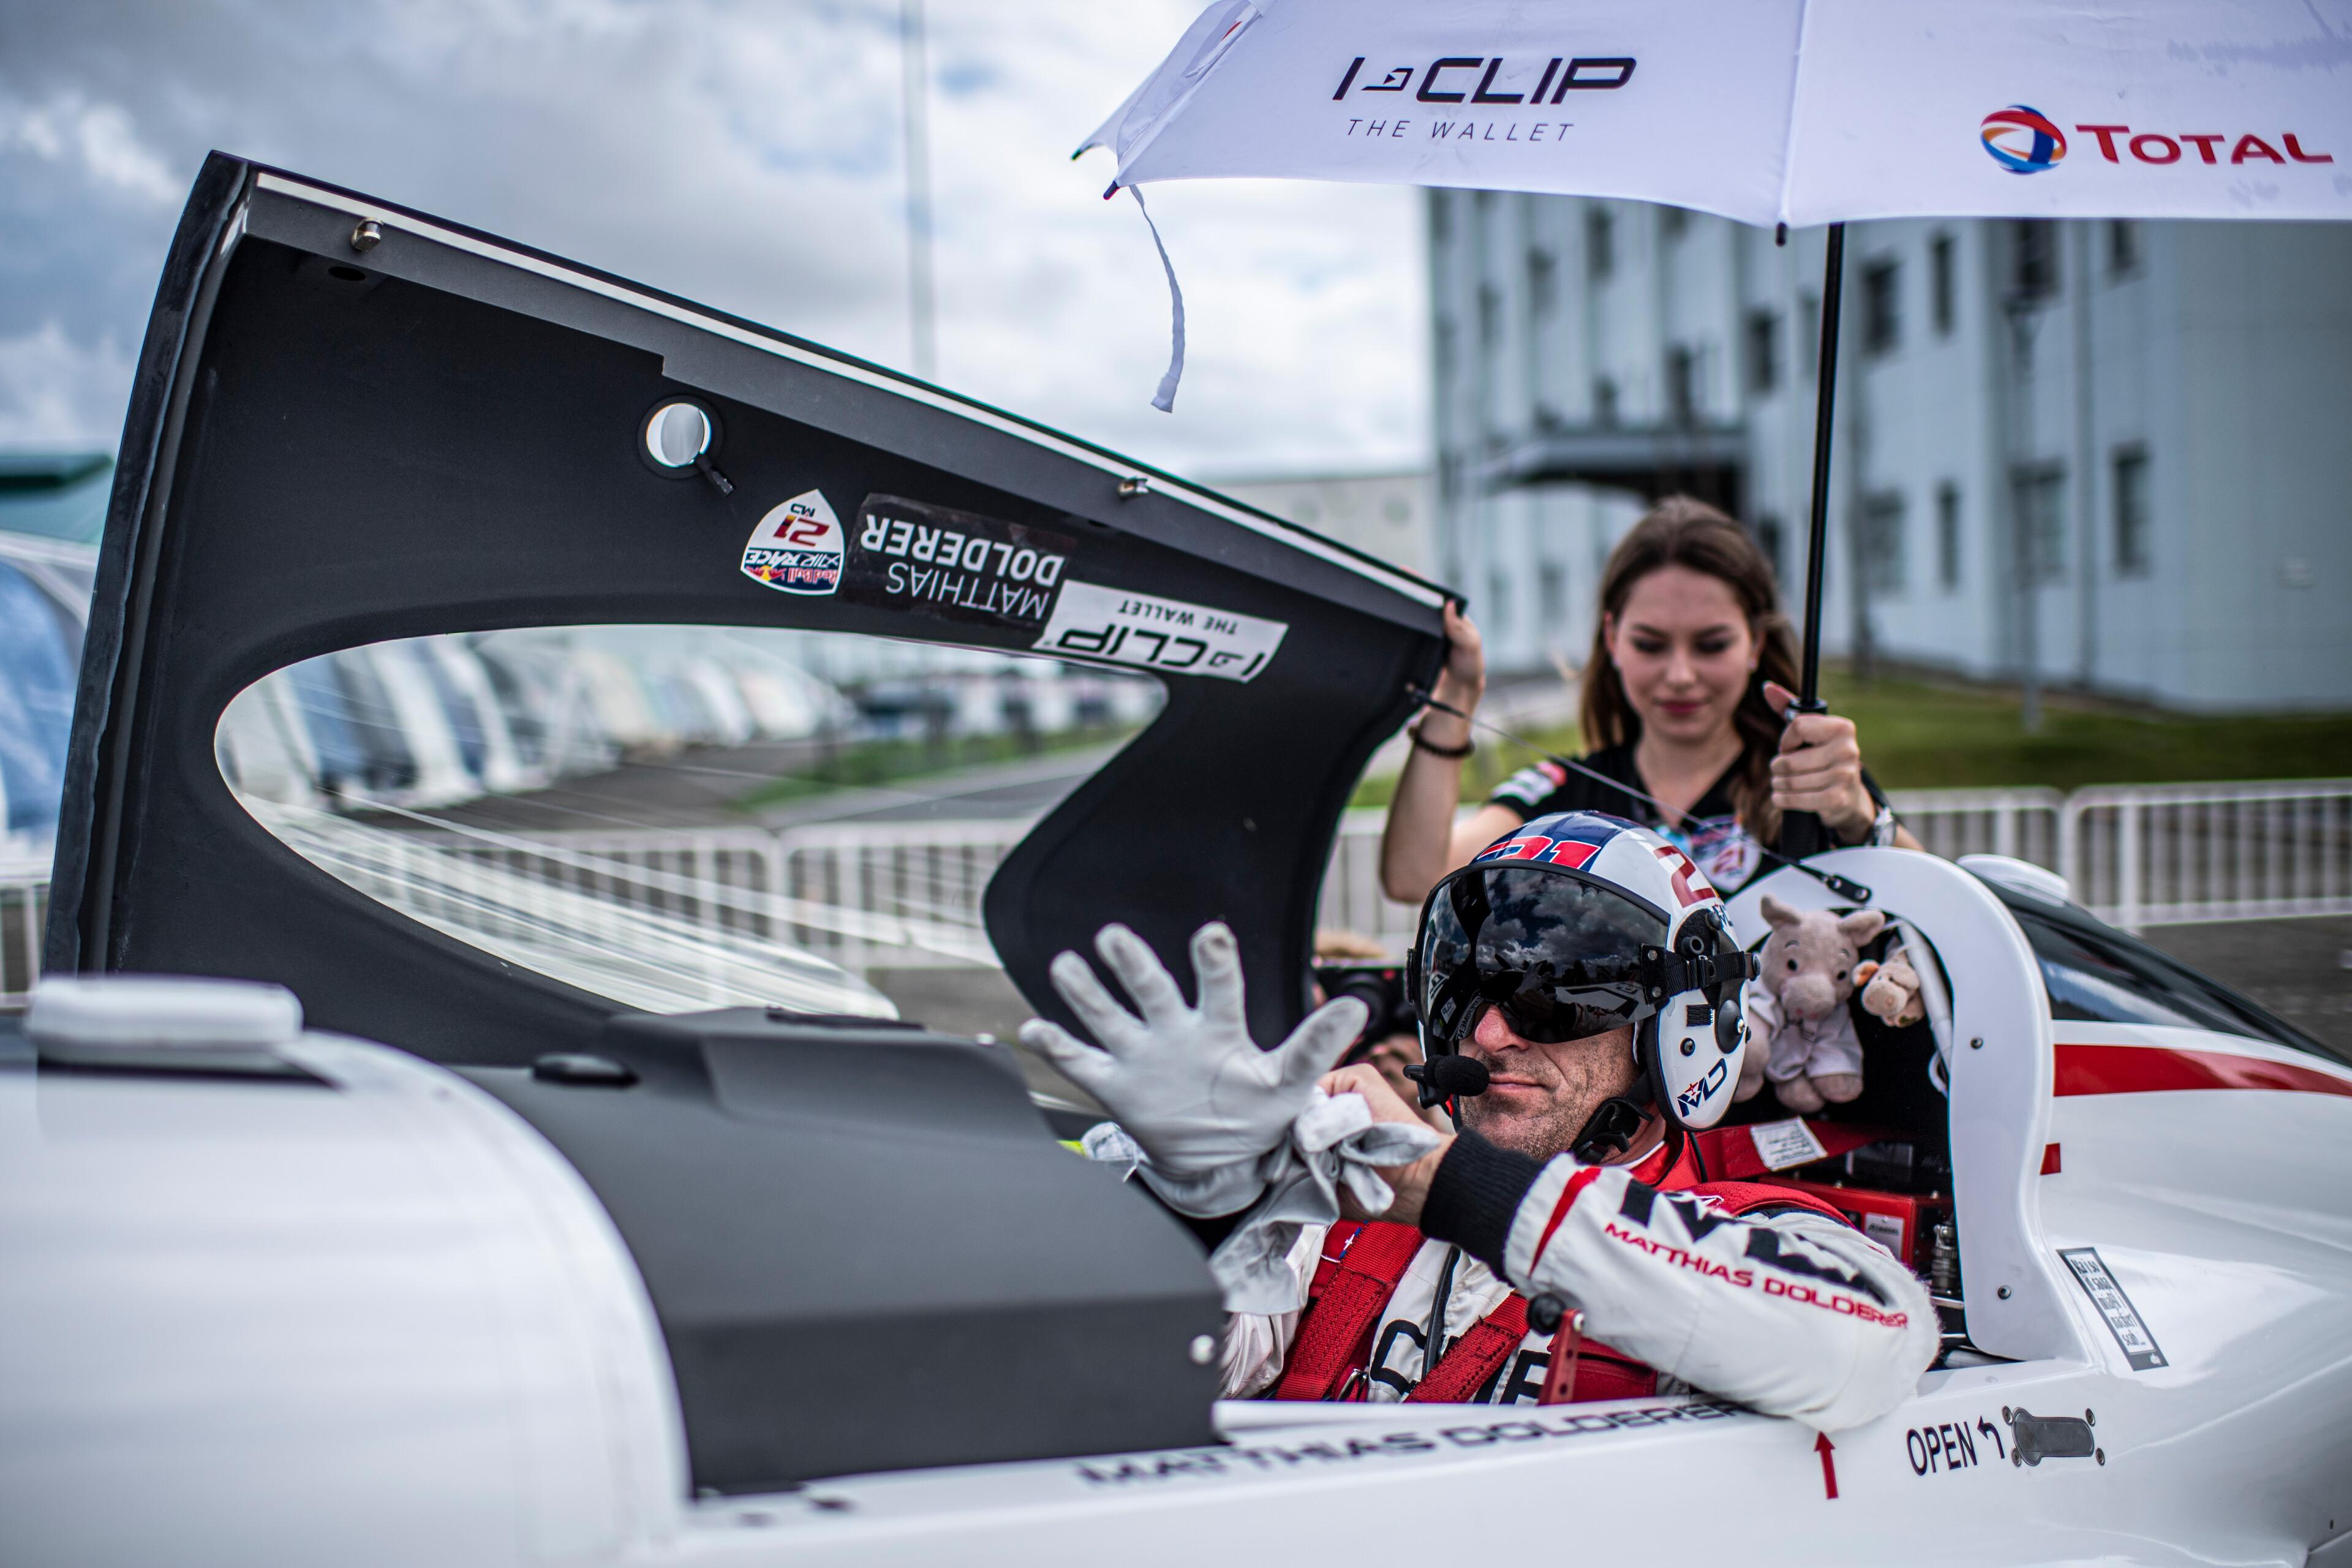 Matthias Dolderer aus Deutschland bereitet sich während des Finales der vierten Runde der Red Bull Air Race-Weltmeisterschaft am 8. September 2019 in Chiba, Japan, auf seinen Flug vor.